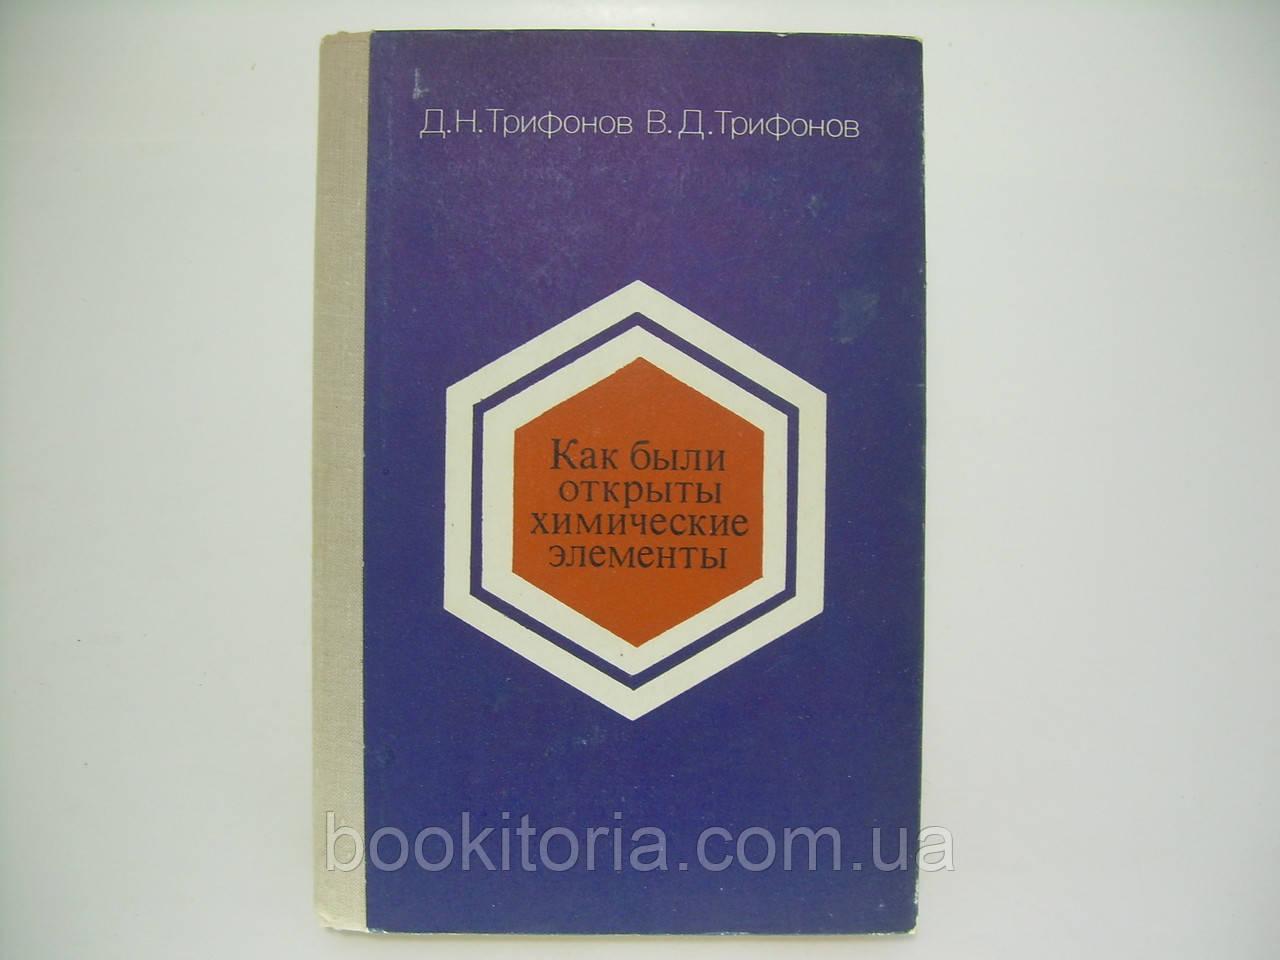 Трифонов Д.Н., Трифонов В.Д. Как были открыты химические элементы (б/у).